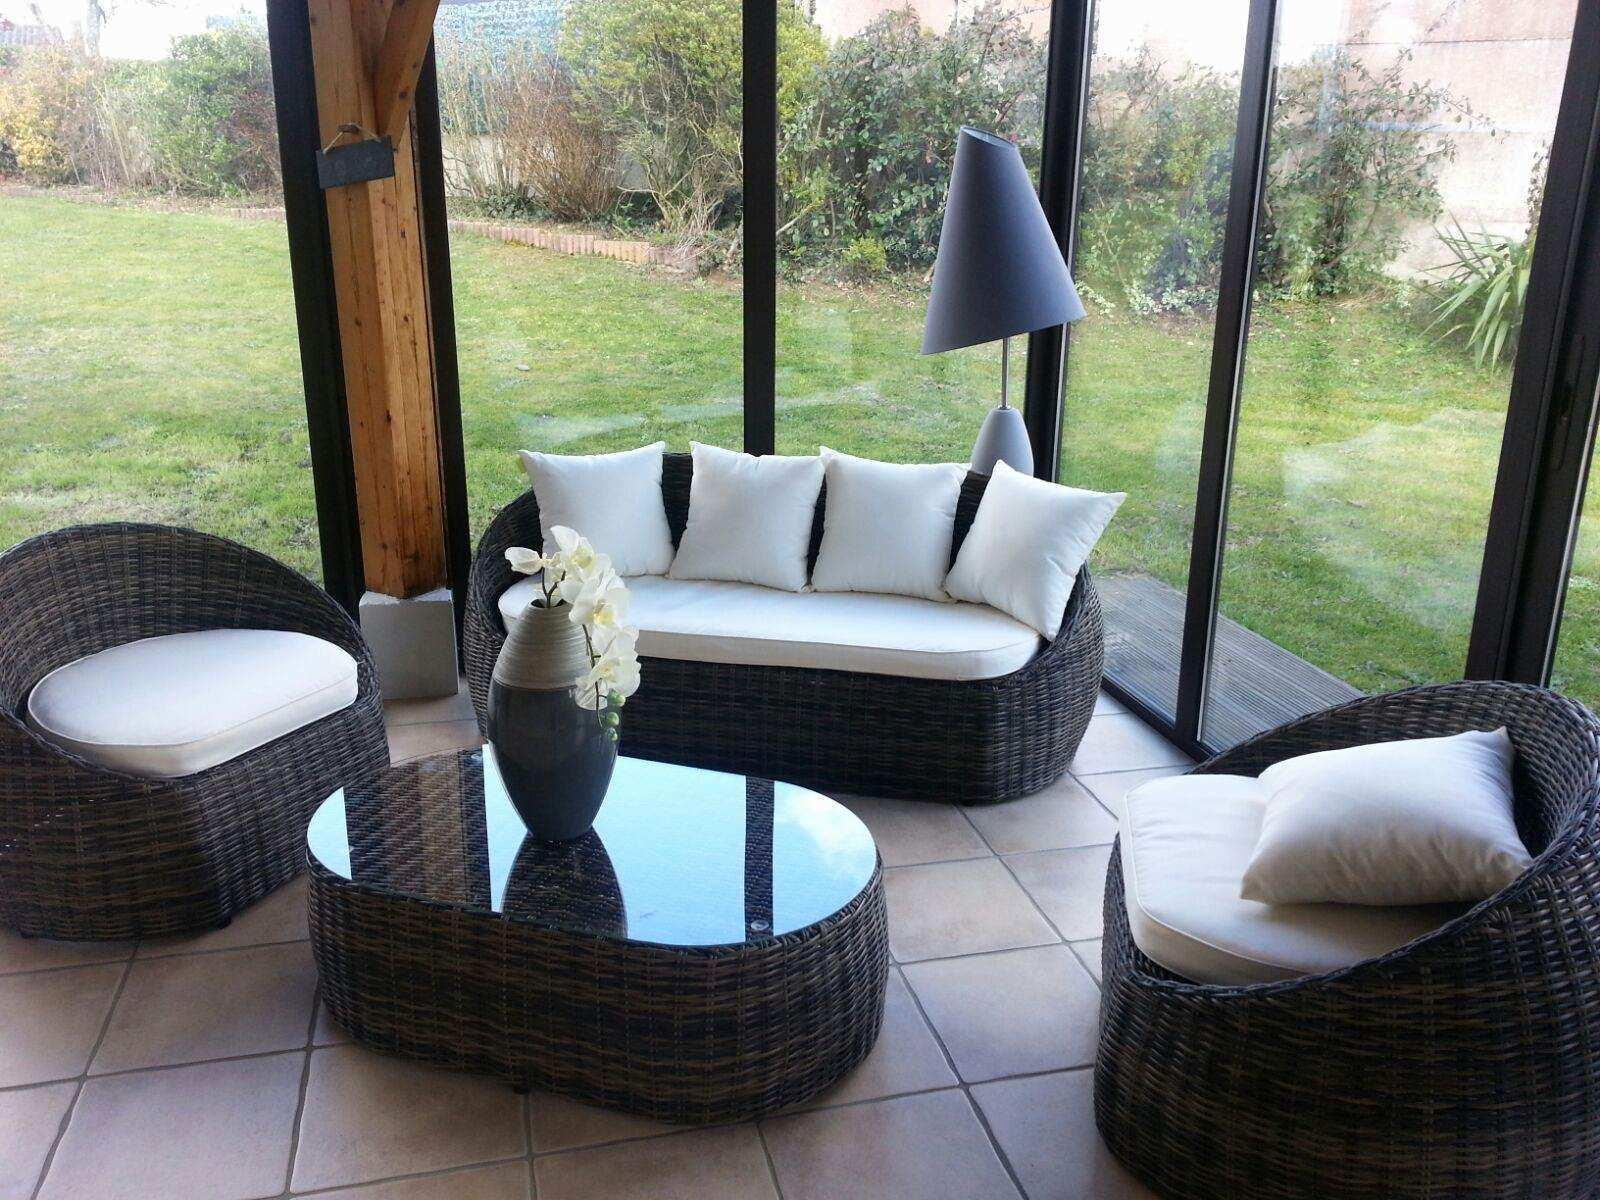 Salon de jardin d\'intérieur - Abri de jardin et balancoire idée